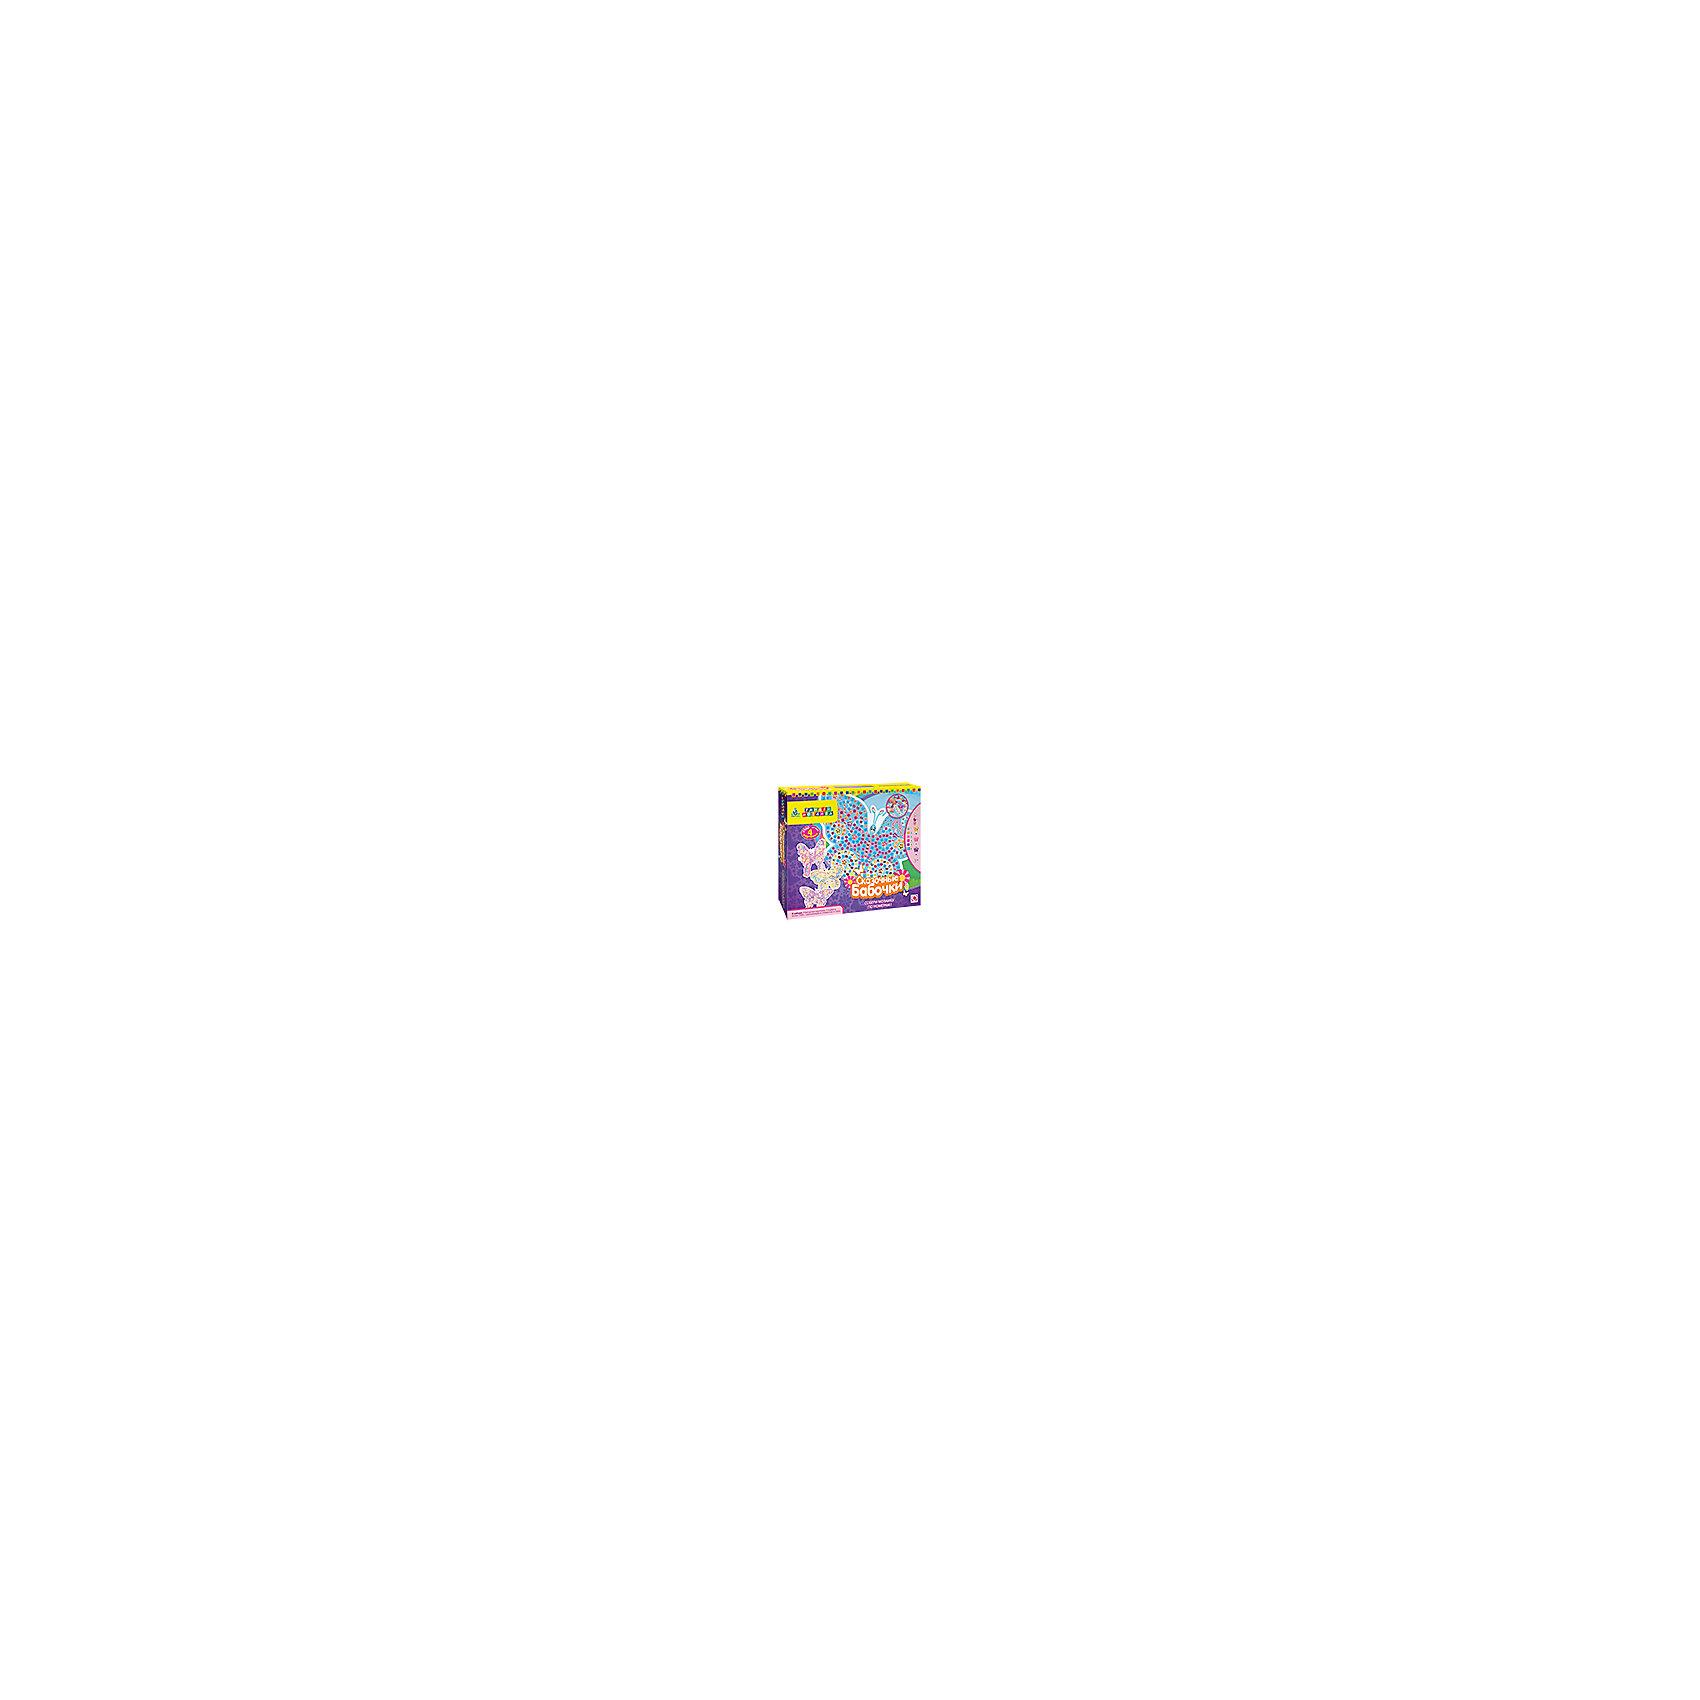 Мозаика-набор Сказочные бабочкиМозаика детская<br>Позволь разыграться своей фантазии с этими 4 удивительными и неповторимыми бабочками! Бабочки – одни из самых красивых жителей планеты! Собери мозаику по номерам, повесь на стену готовые картины с помощью специальных подвесов, входящих в набор, и наслаждайся красотой этих прелестных созданий!В наборе:• 4 картонные фигурные основы• 1900+ самоклеящихся элементов и страз• 4 подвесаДизайн моделей разработан в США.5+<br><br>Ширина мм: 324<br>Глубина мм: 51<br>Высота мм: 273<br>Вес г: 333<br>Возраст от месяцев: 60<br>Возраст до месяцев: 96<br>Пол: Унисекс<br>Возраст: Детский<br>SKU: 5165742